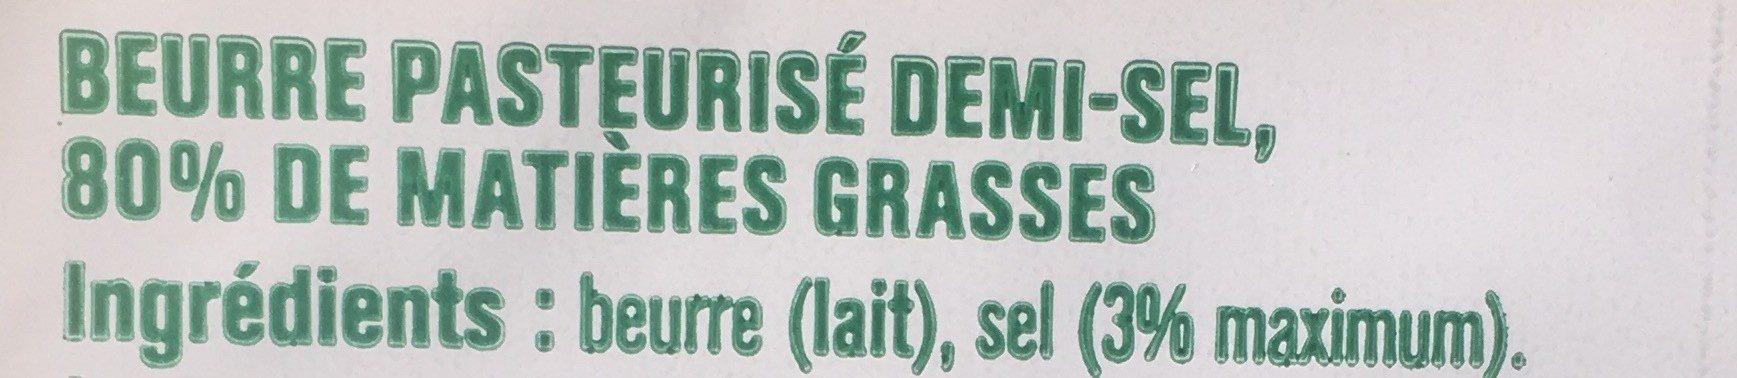 Beurre gastronomique demi sel - Ingrédients - fr